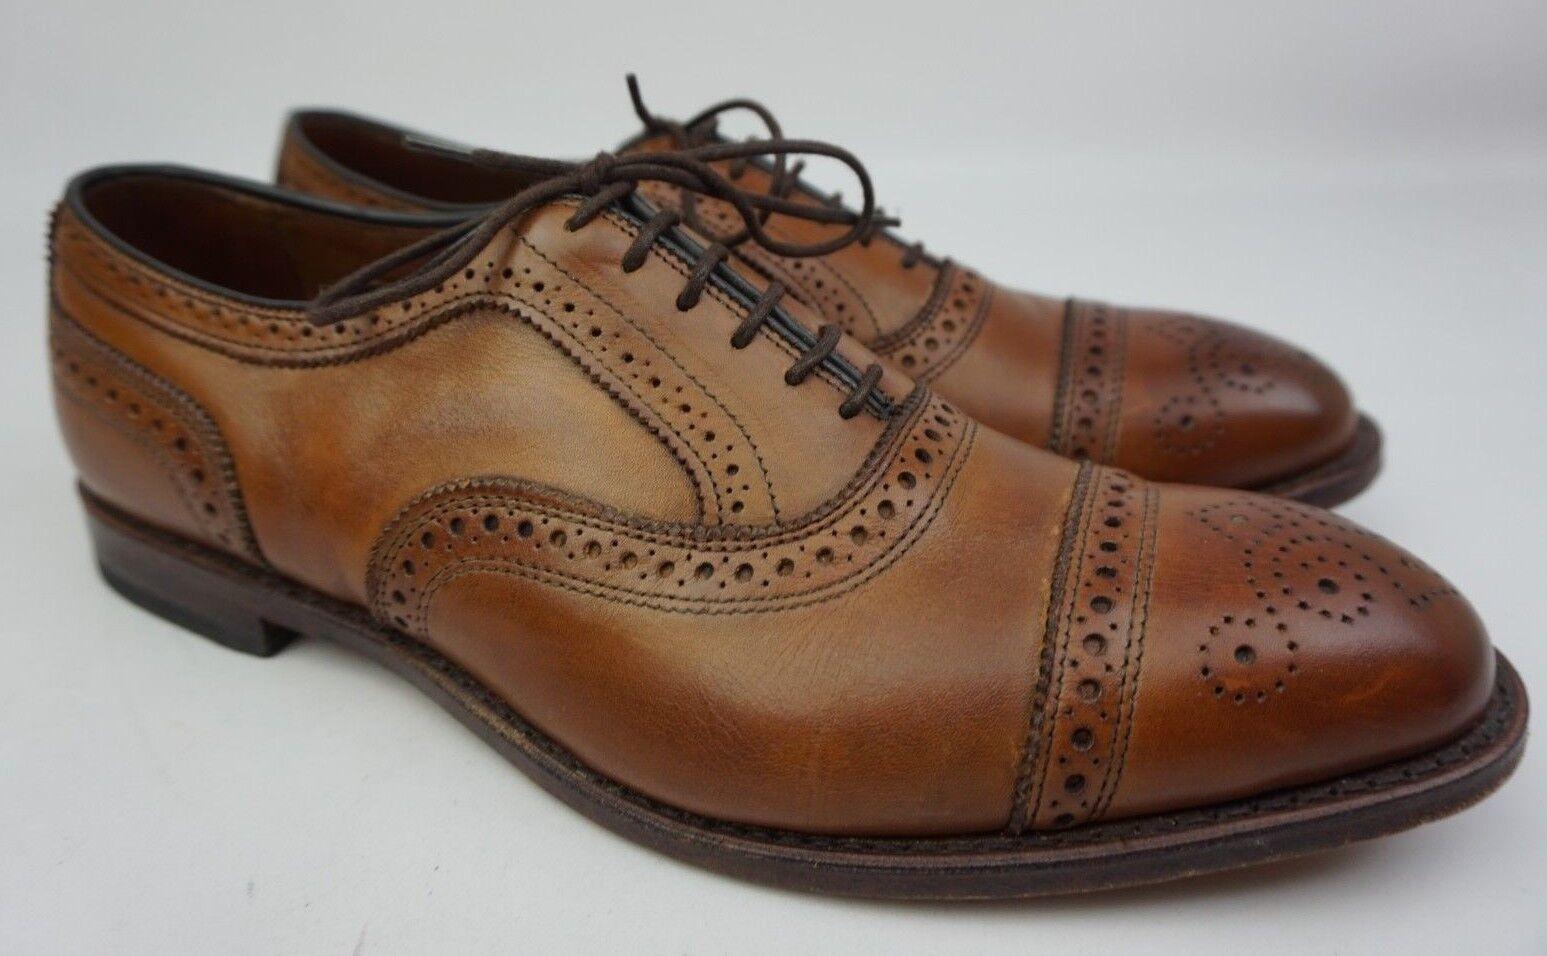 Allen Edmonds Strand Cap Toe Oxford braun Leather schuhe Größe Größe Größe 11 D 8c261a